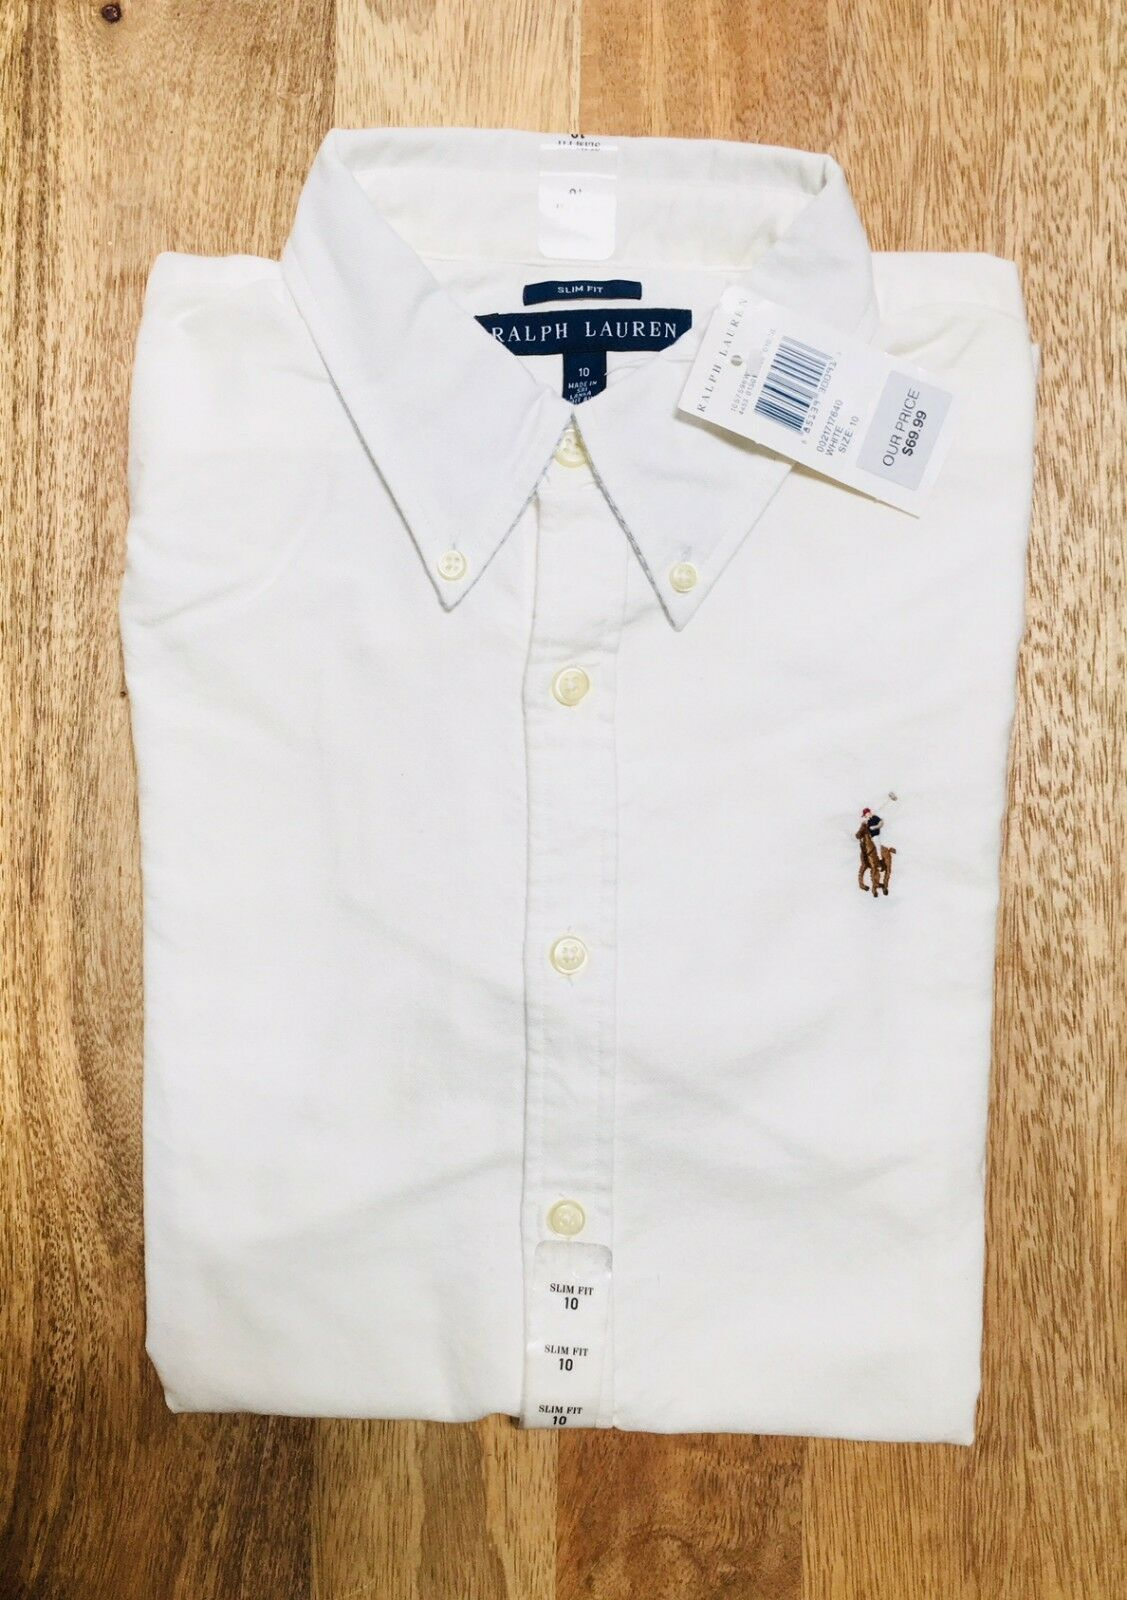 Polo Ralph Lauren damen Oxford Shirt Slim Fit 0 NEW